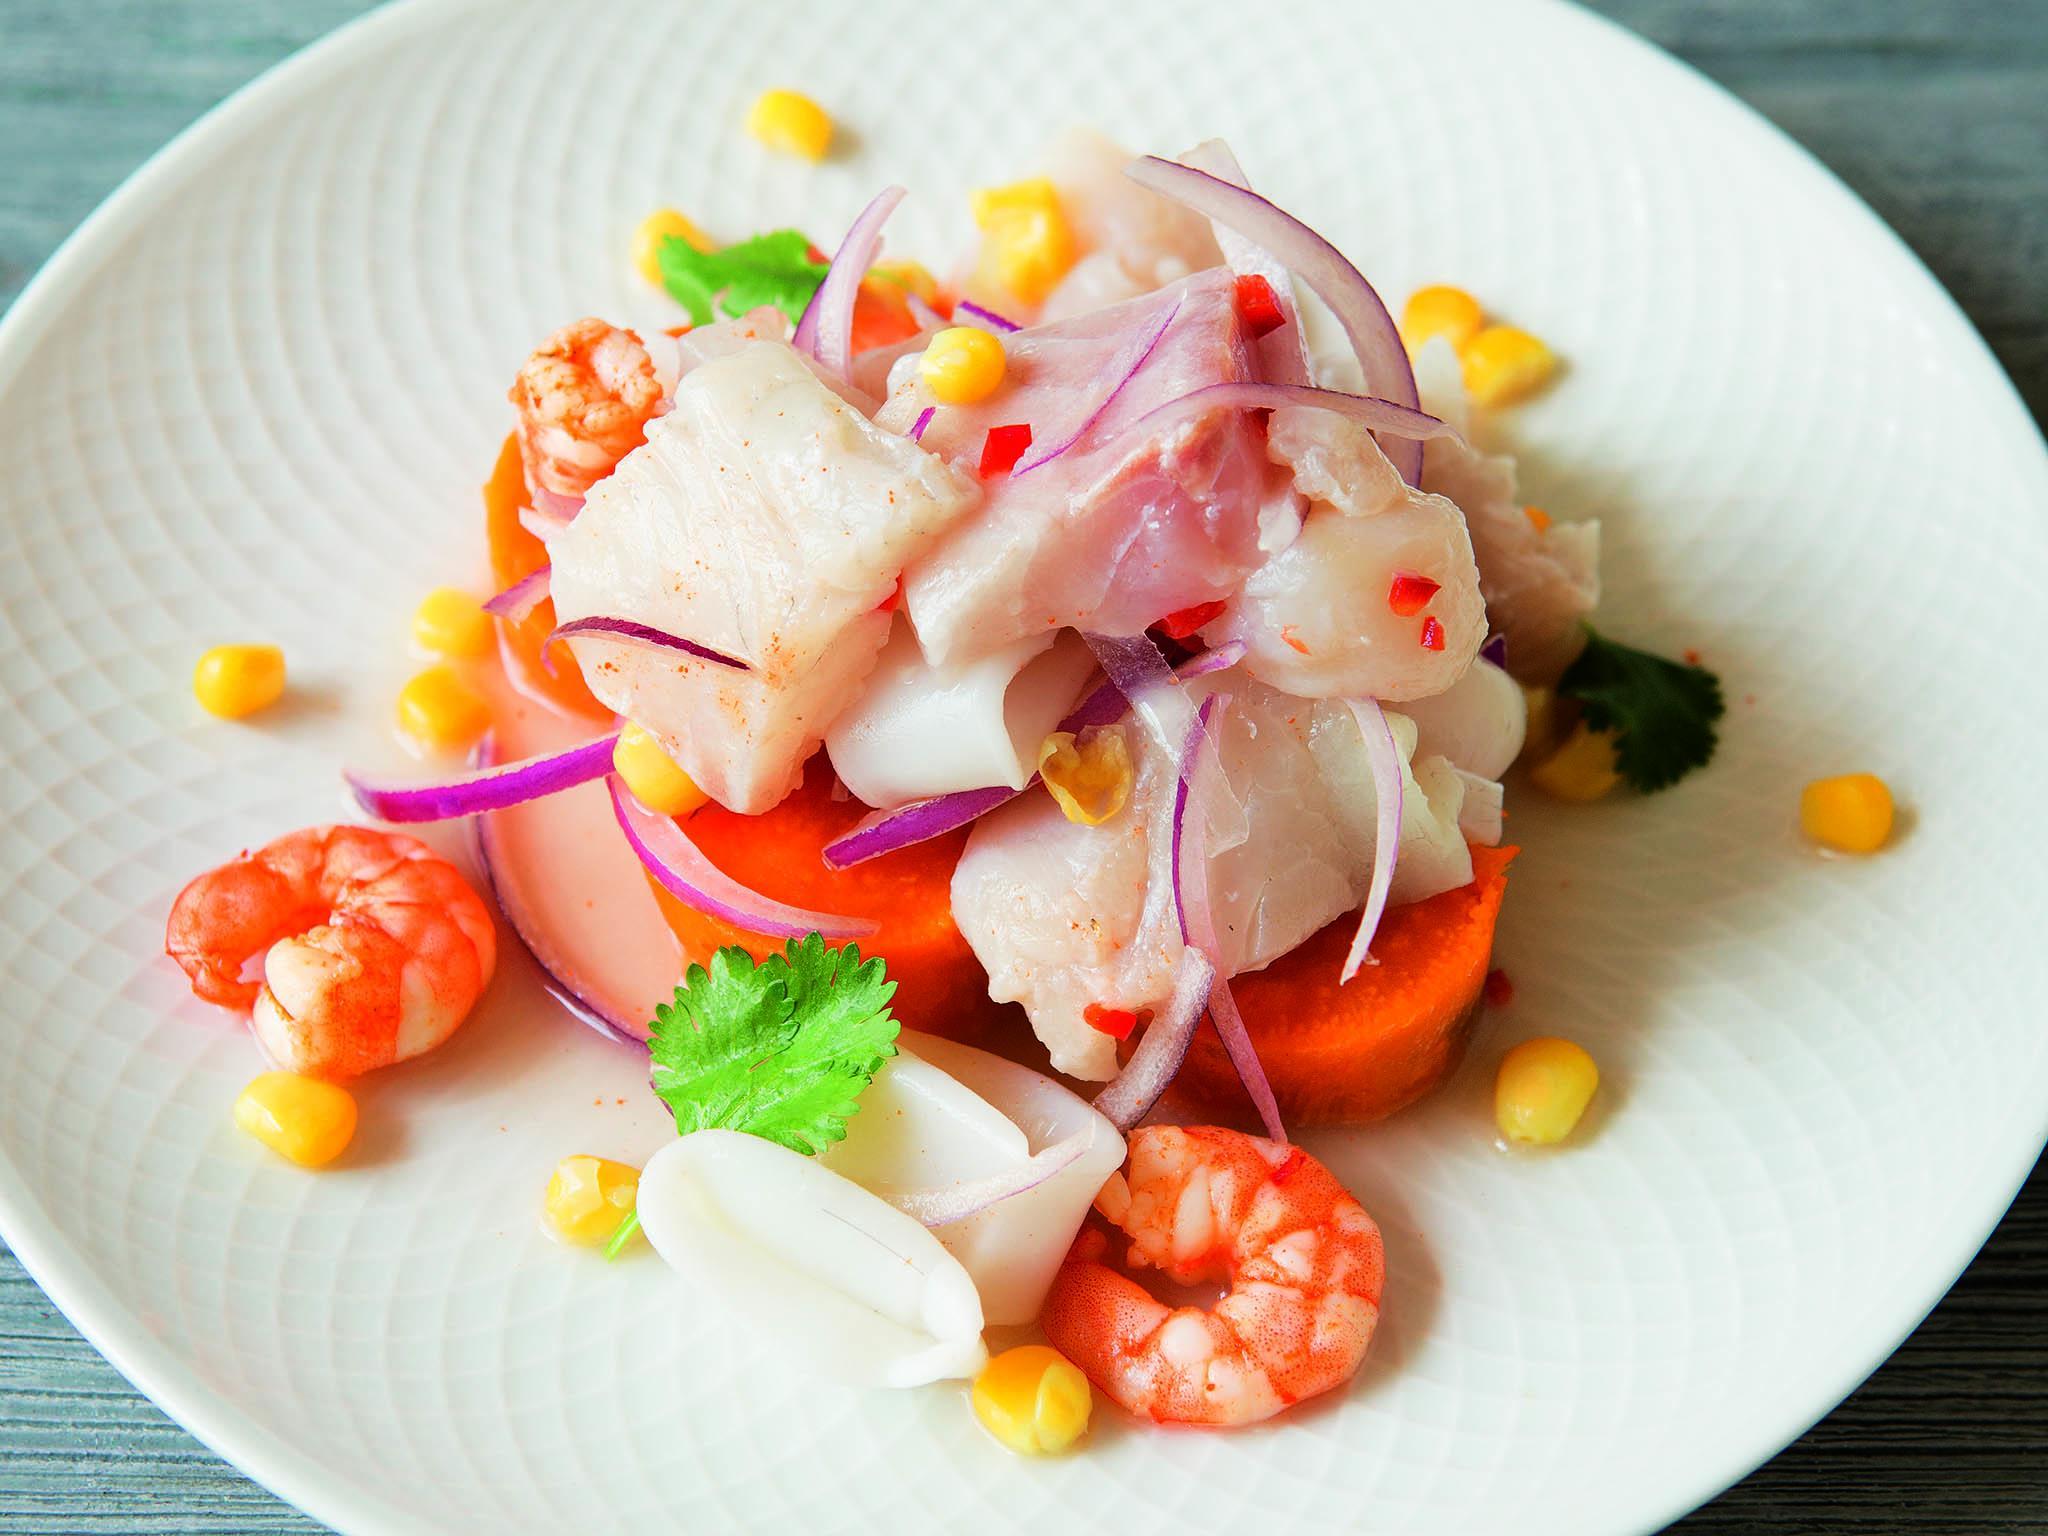 Севиче — что это такое и пошаговые рецепты приготовления в домашних условиях из рыбы или морепродуктов